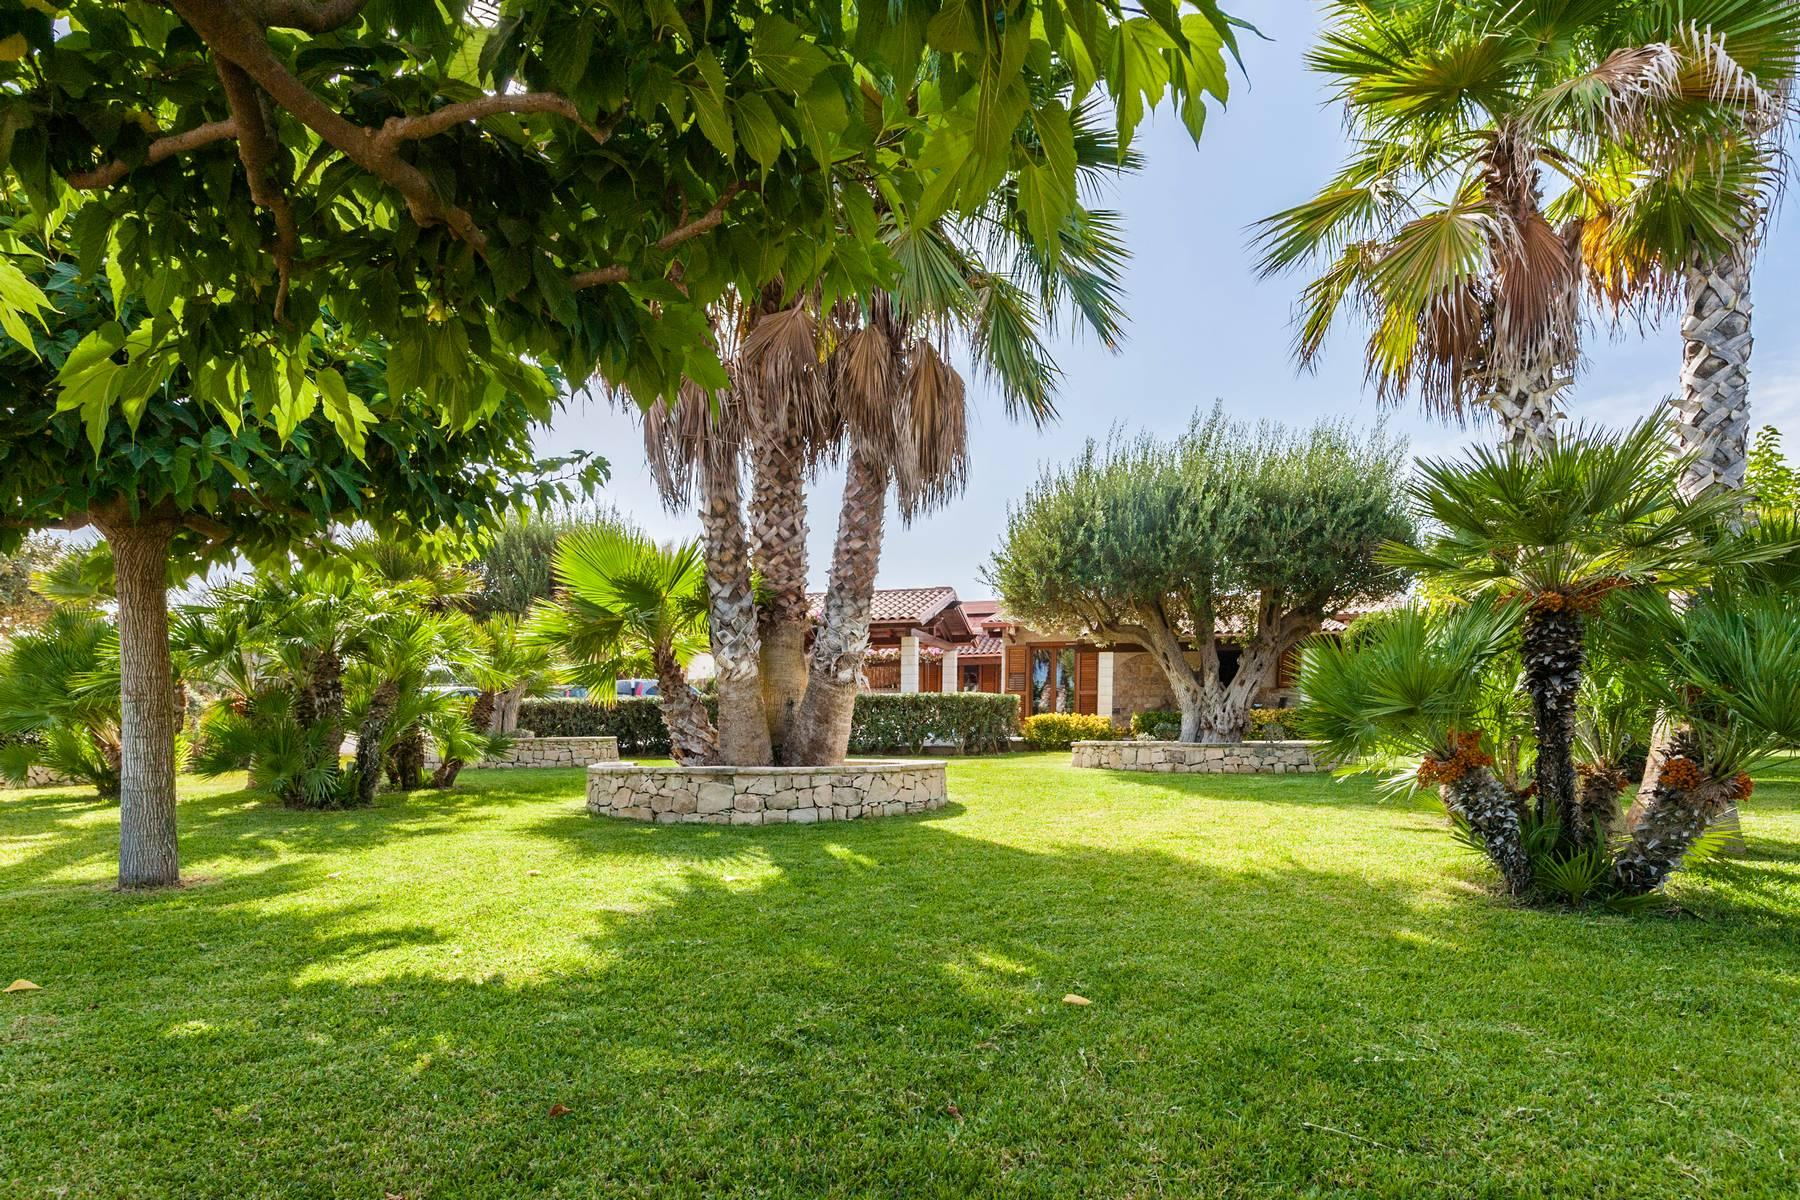 Esclusiva villa sul mare con ingresso privato in spiaggia - 15